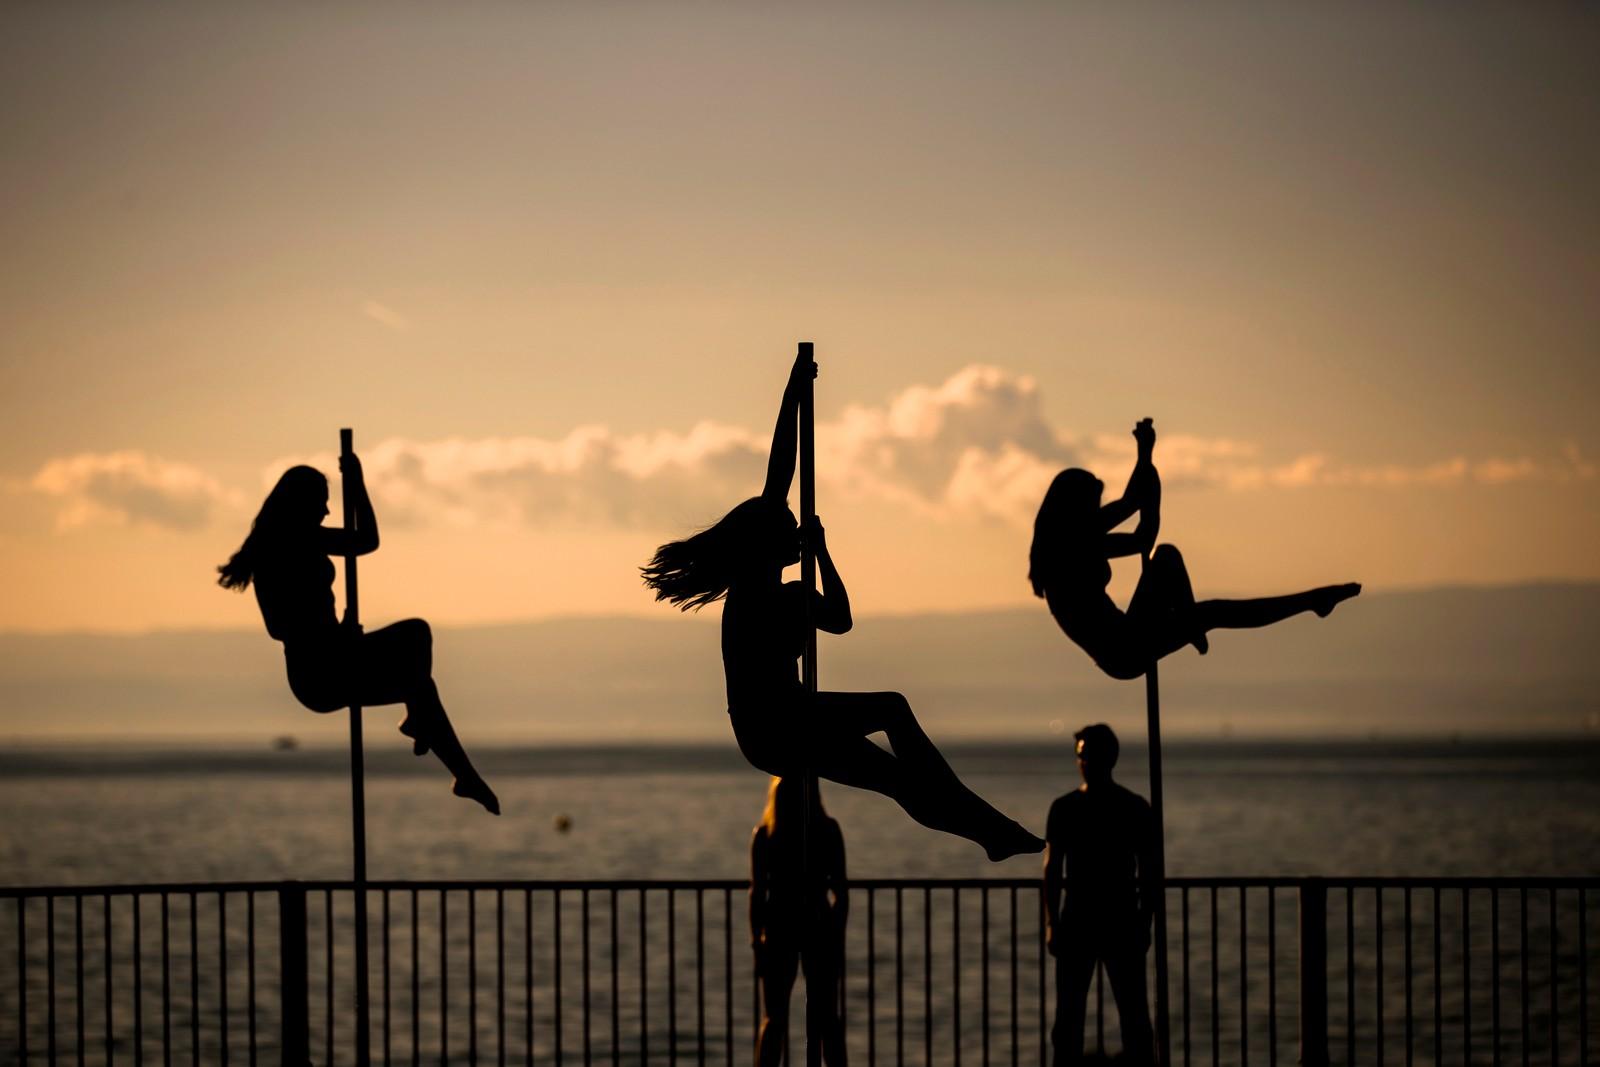 Men disse kvinnene danser. På påler ved Genèvesjøen i Montreux i Sveits.